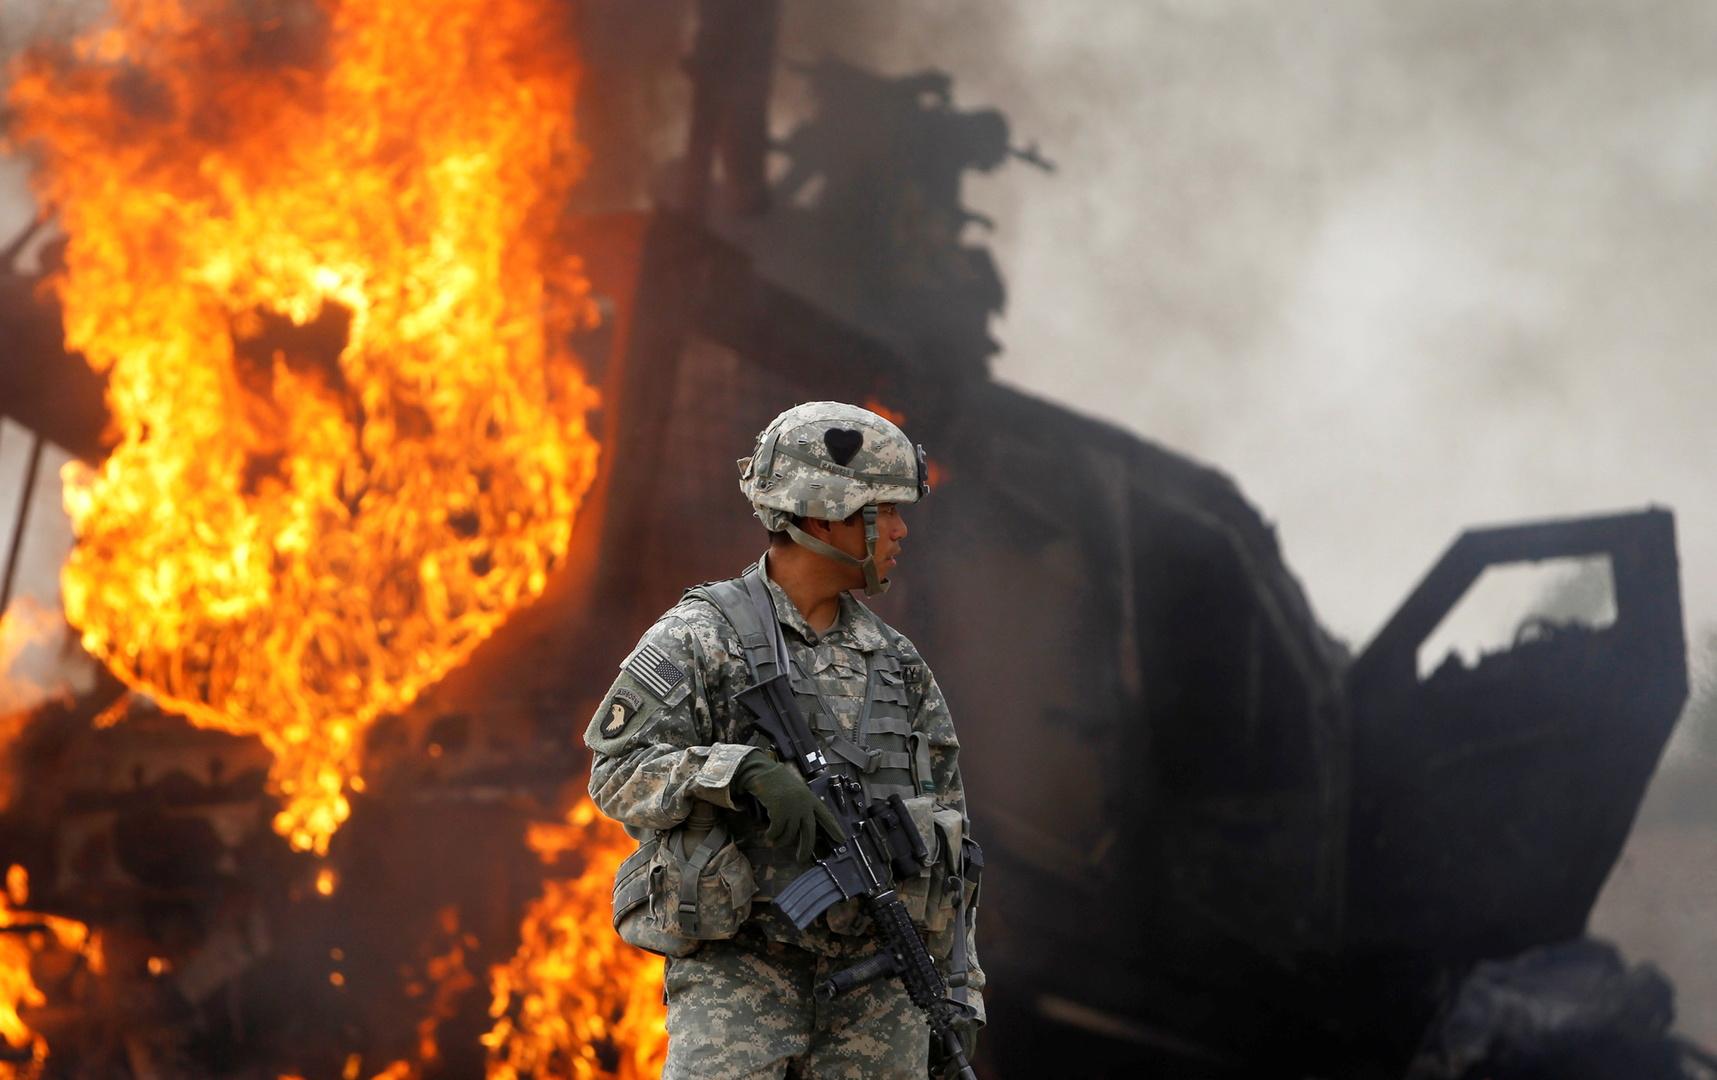 استطلاع رأي.. حوالي نصف الأمريكيين يعتبرون الحرب في أفغانستان خطأ